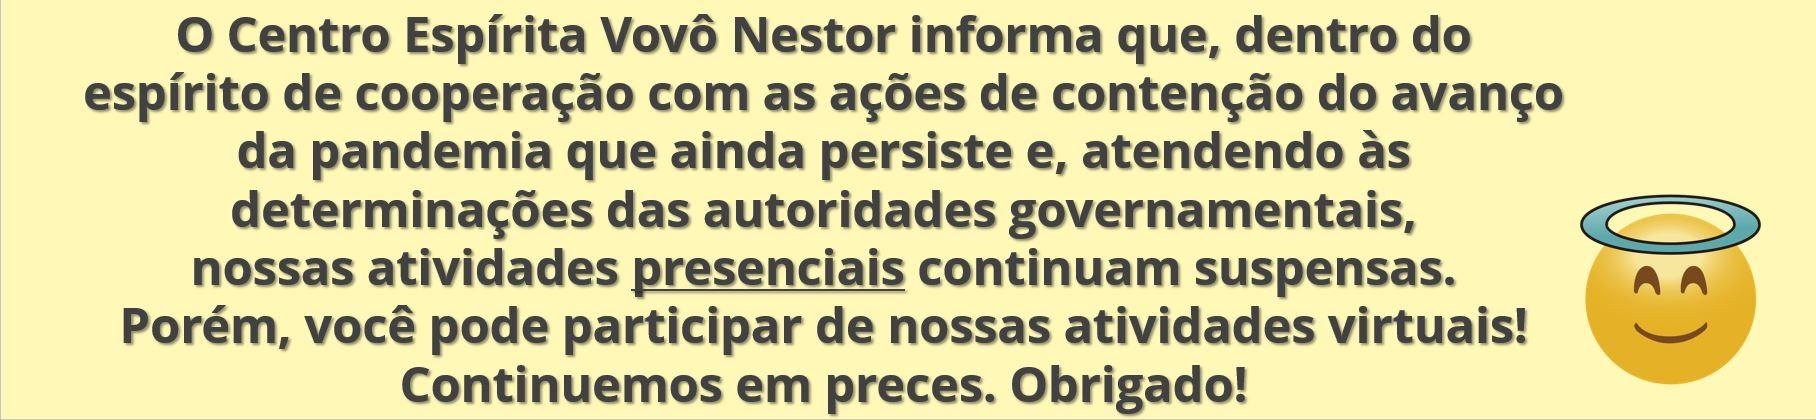 Centro Espírita Vovô Nestor